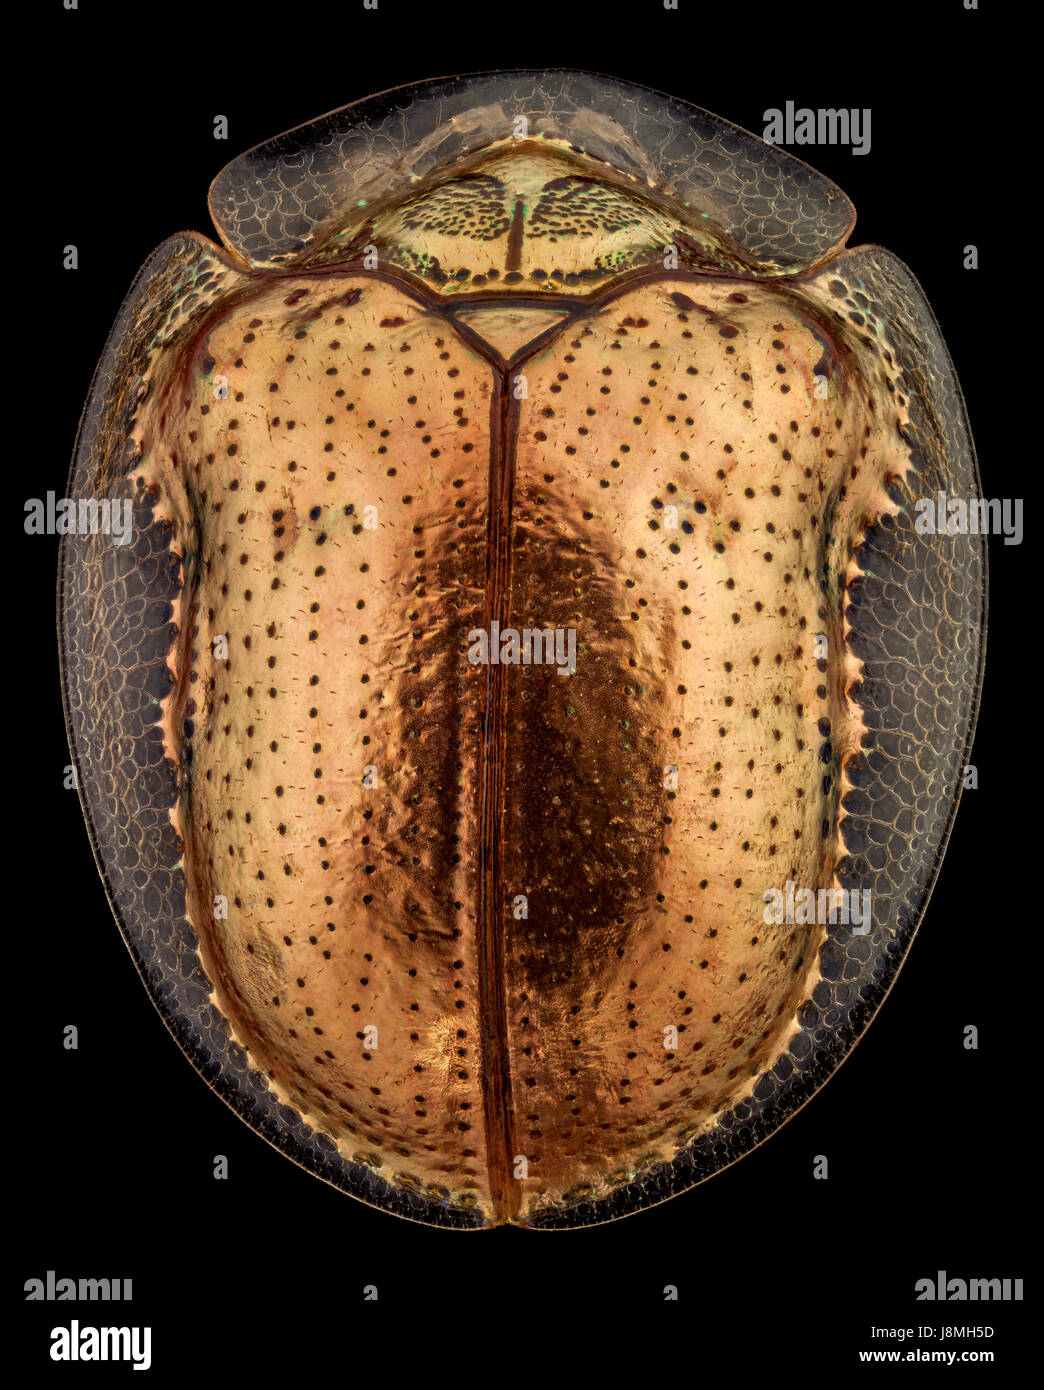 Vue de dessus d'une tortue d'or beetle.La tortue d'or est un insecte coléoptère de la famille des céréales, originaire de la région des Amériques Banque D'Images